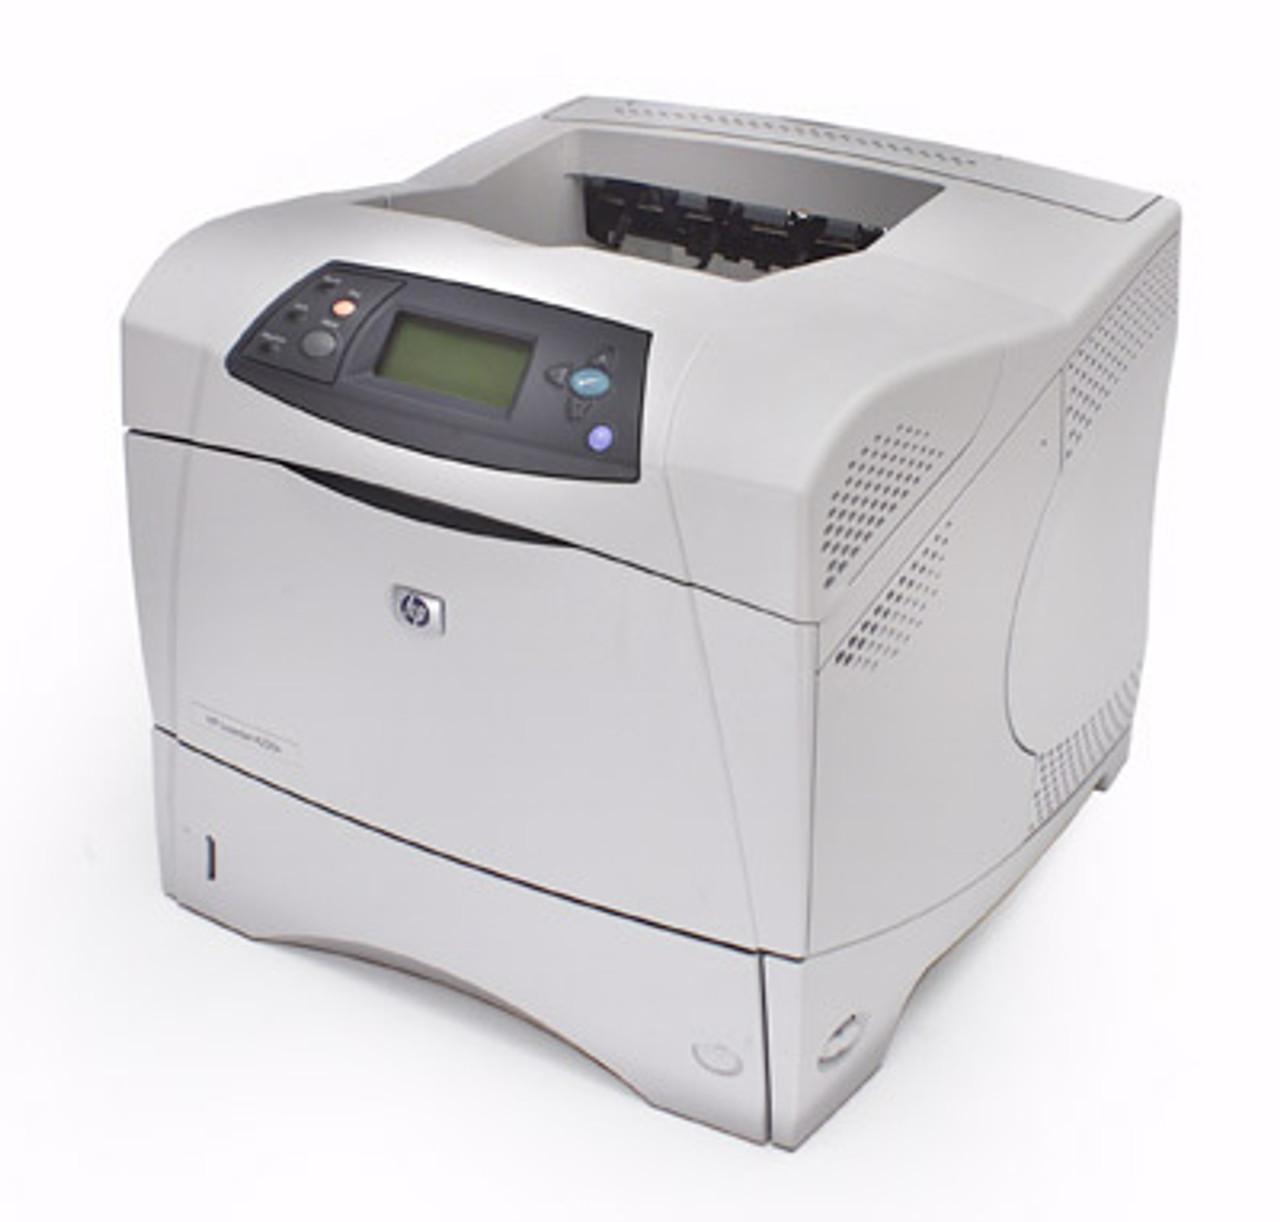 HP LaserJet 4250n - Q5401A - HP Laser Printer for sale